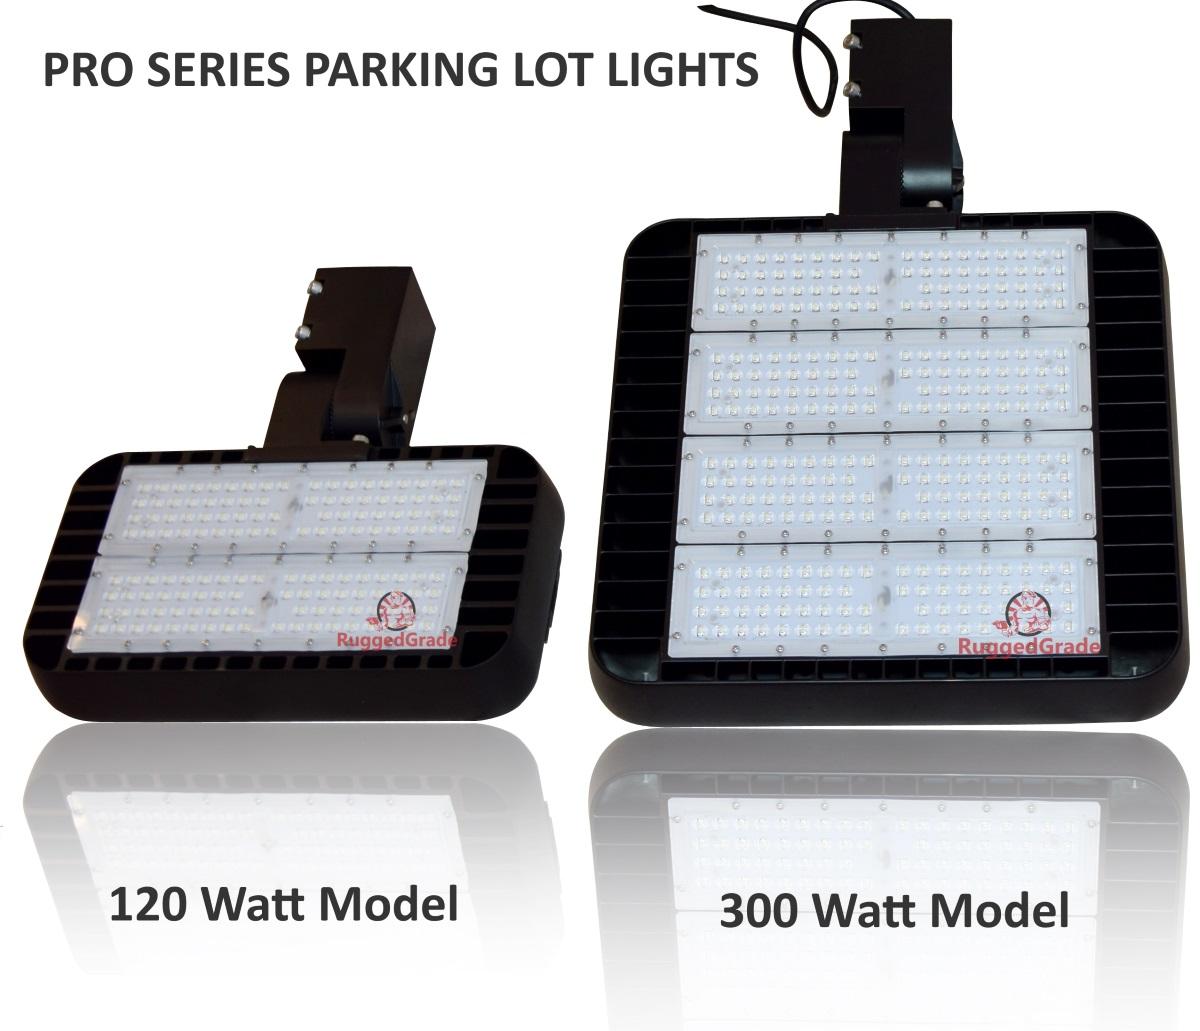 40,000 Lumen LED Parking Lot Lights